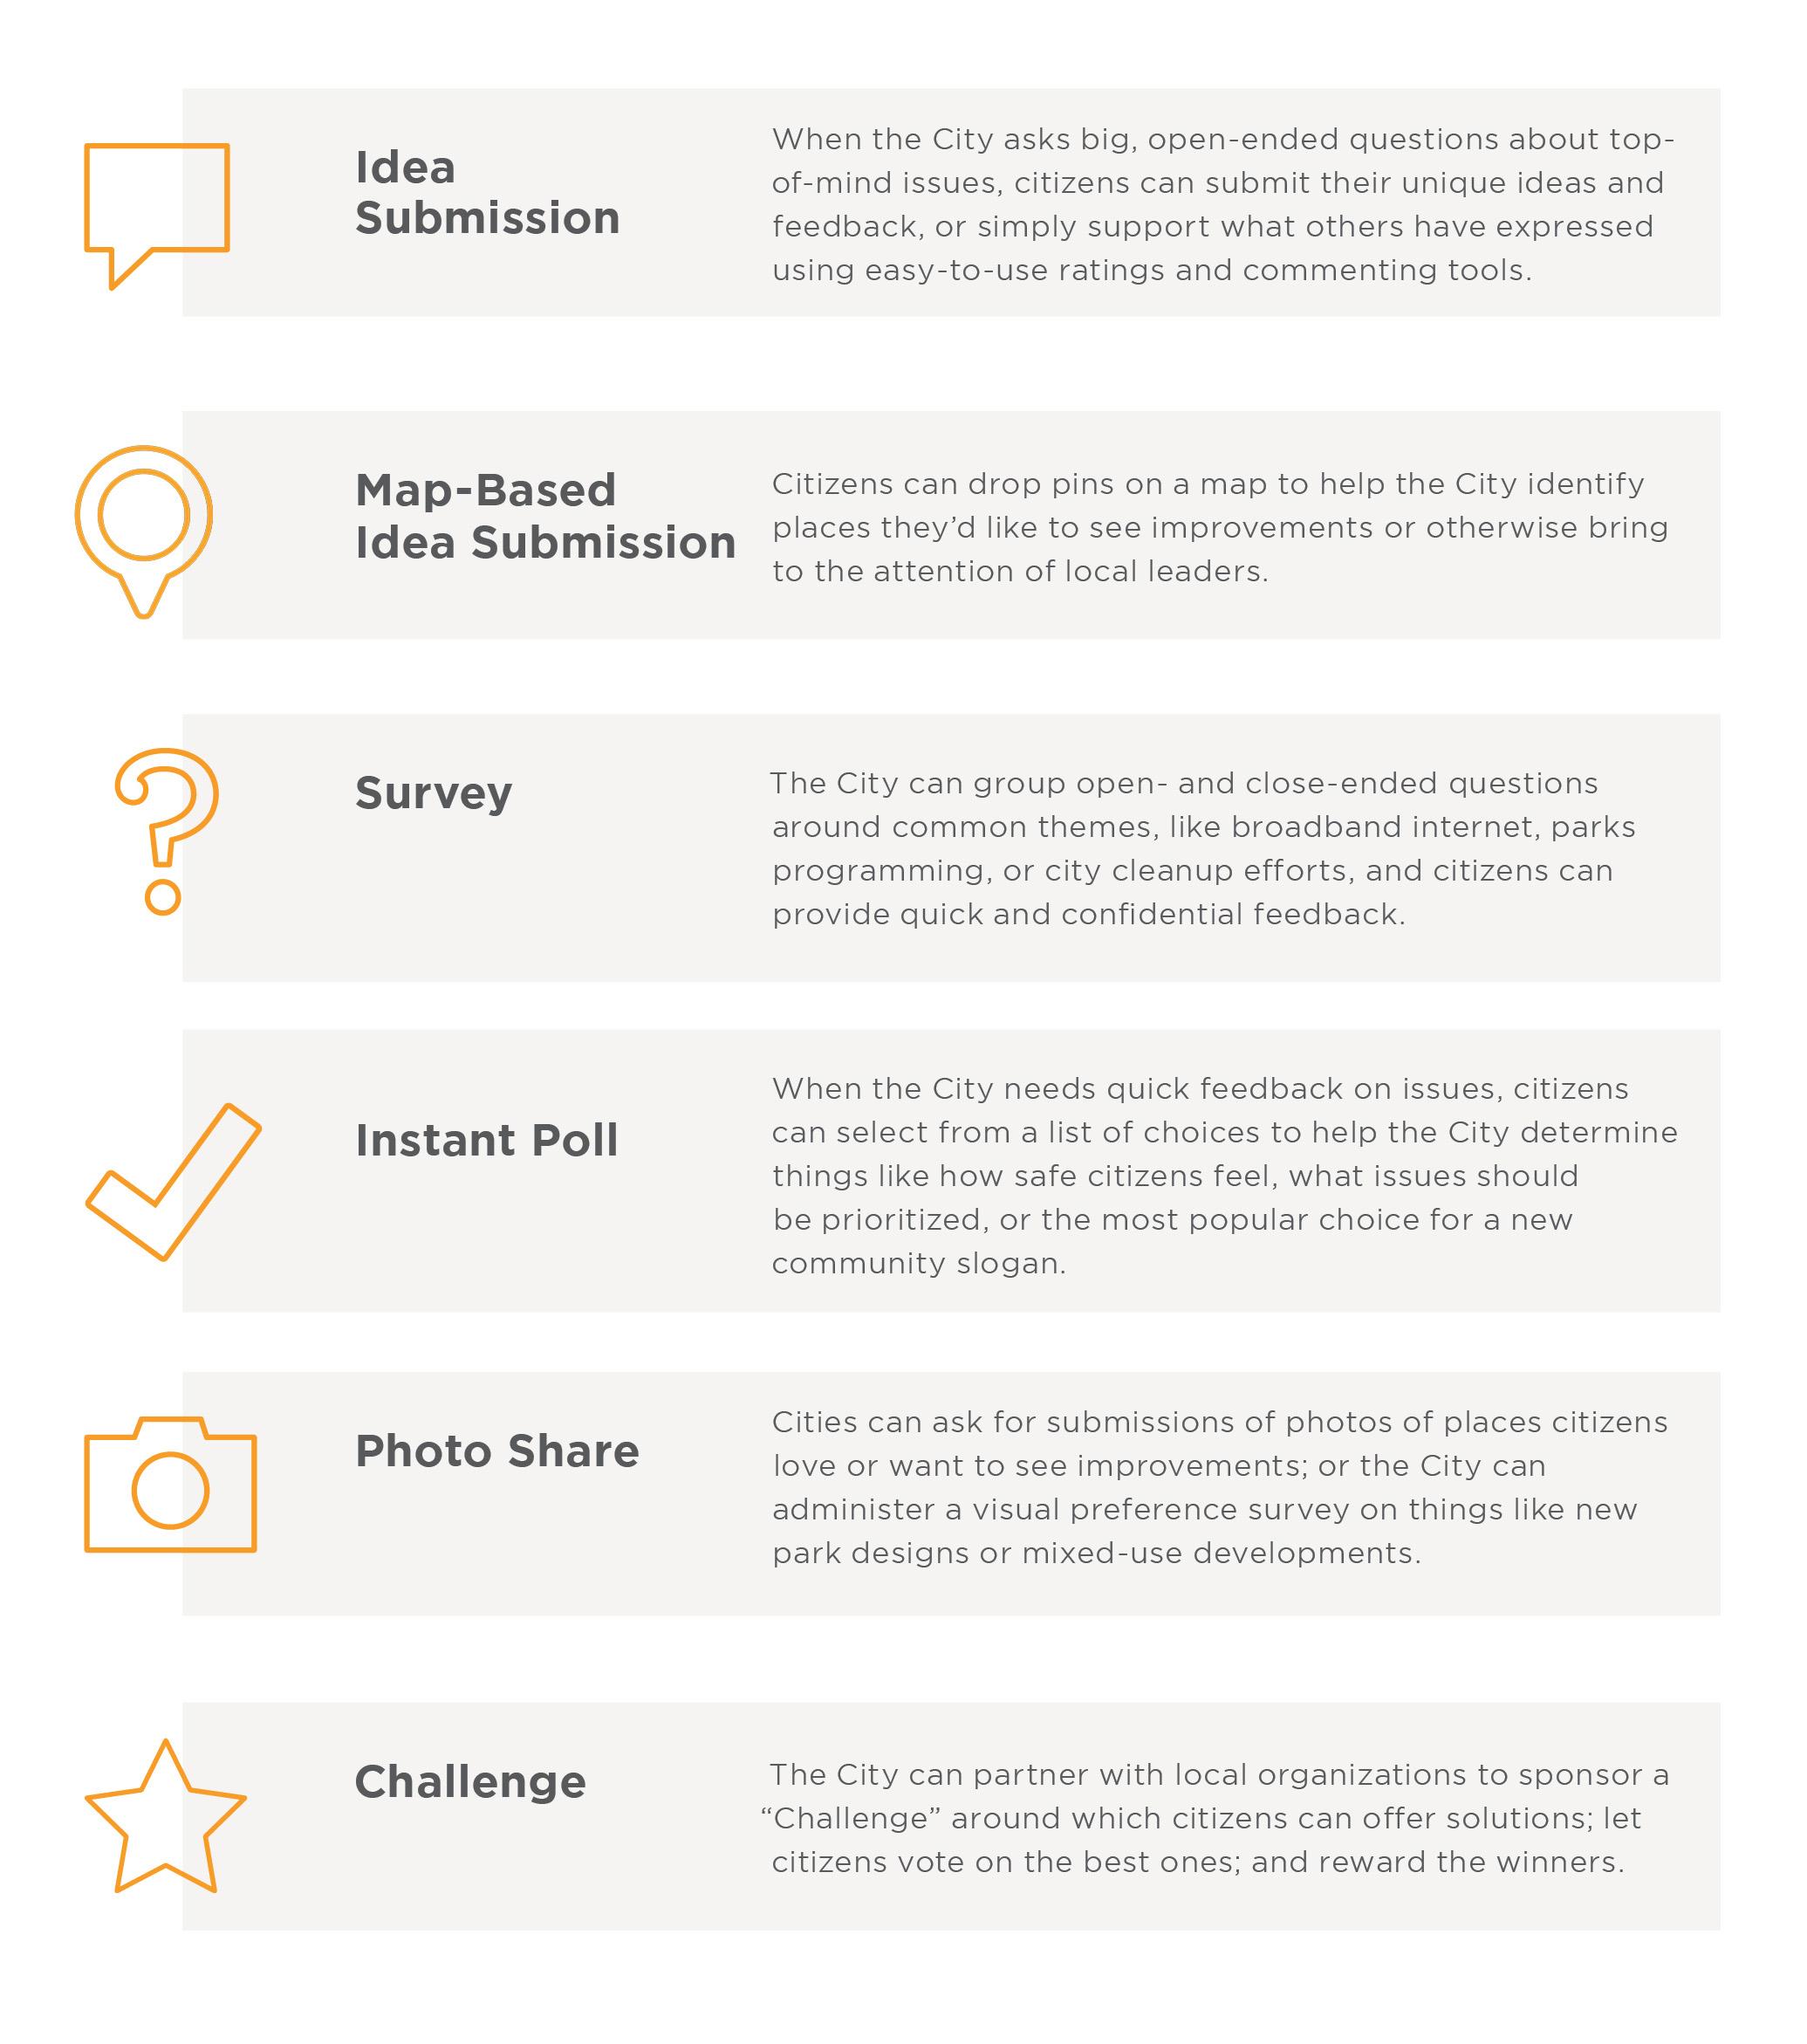 Ways to Engage on MindMixer